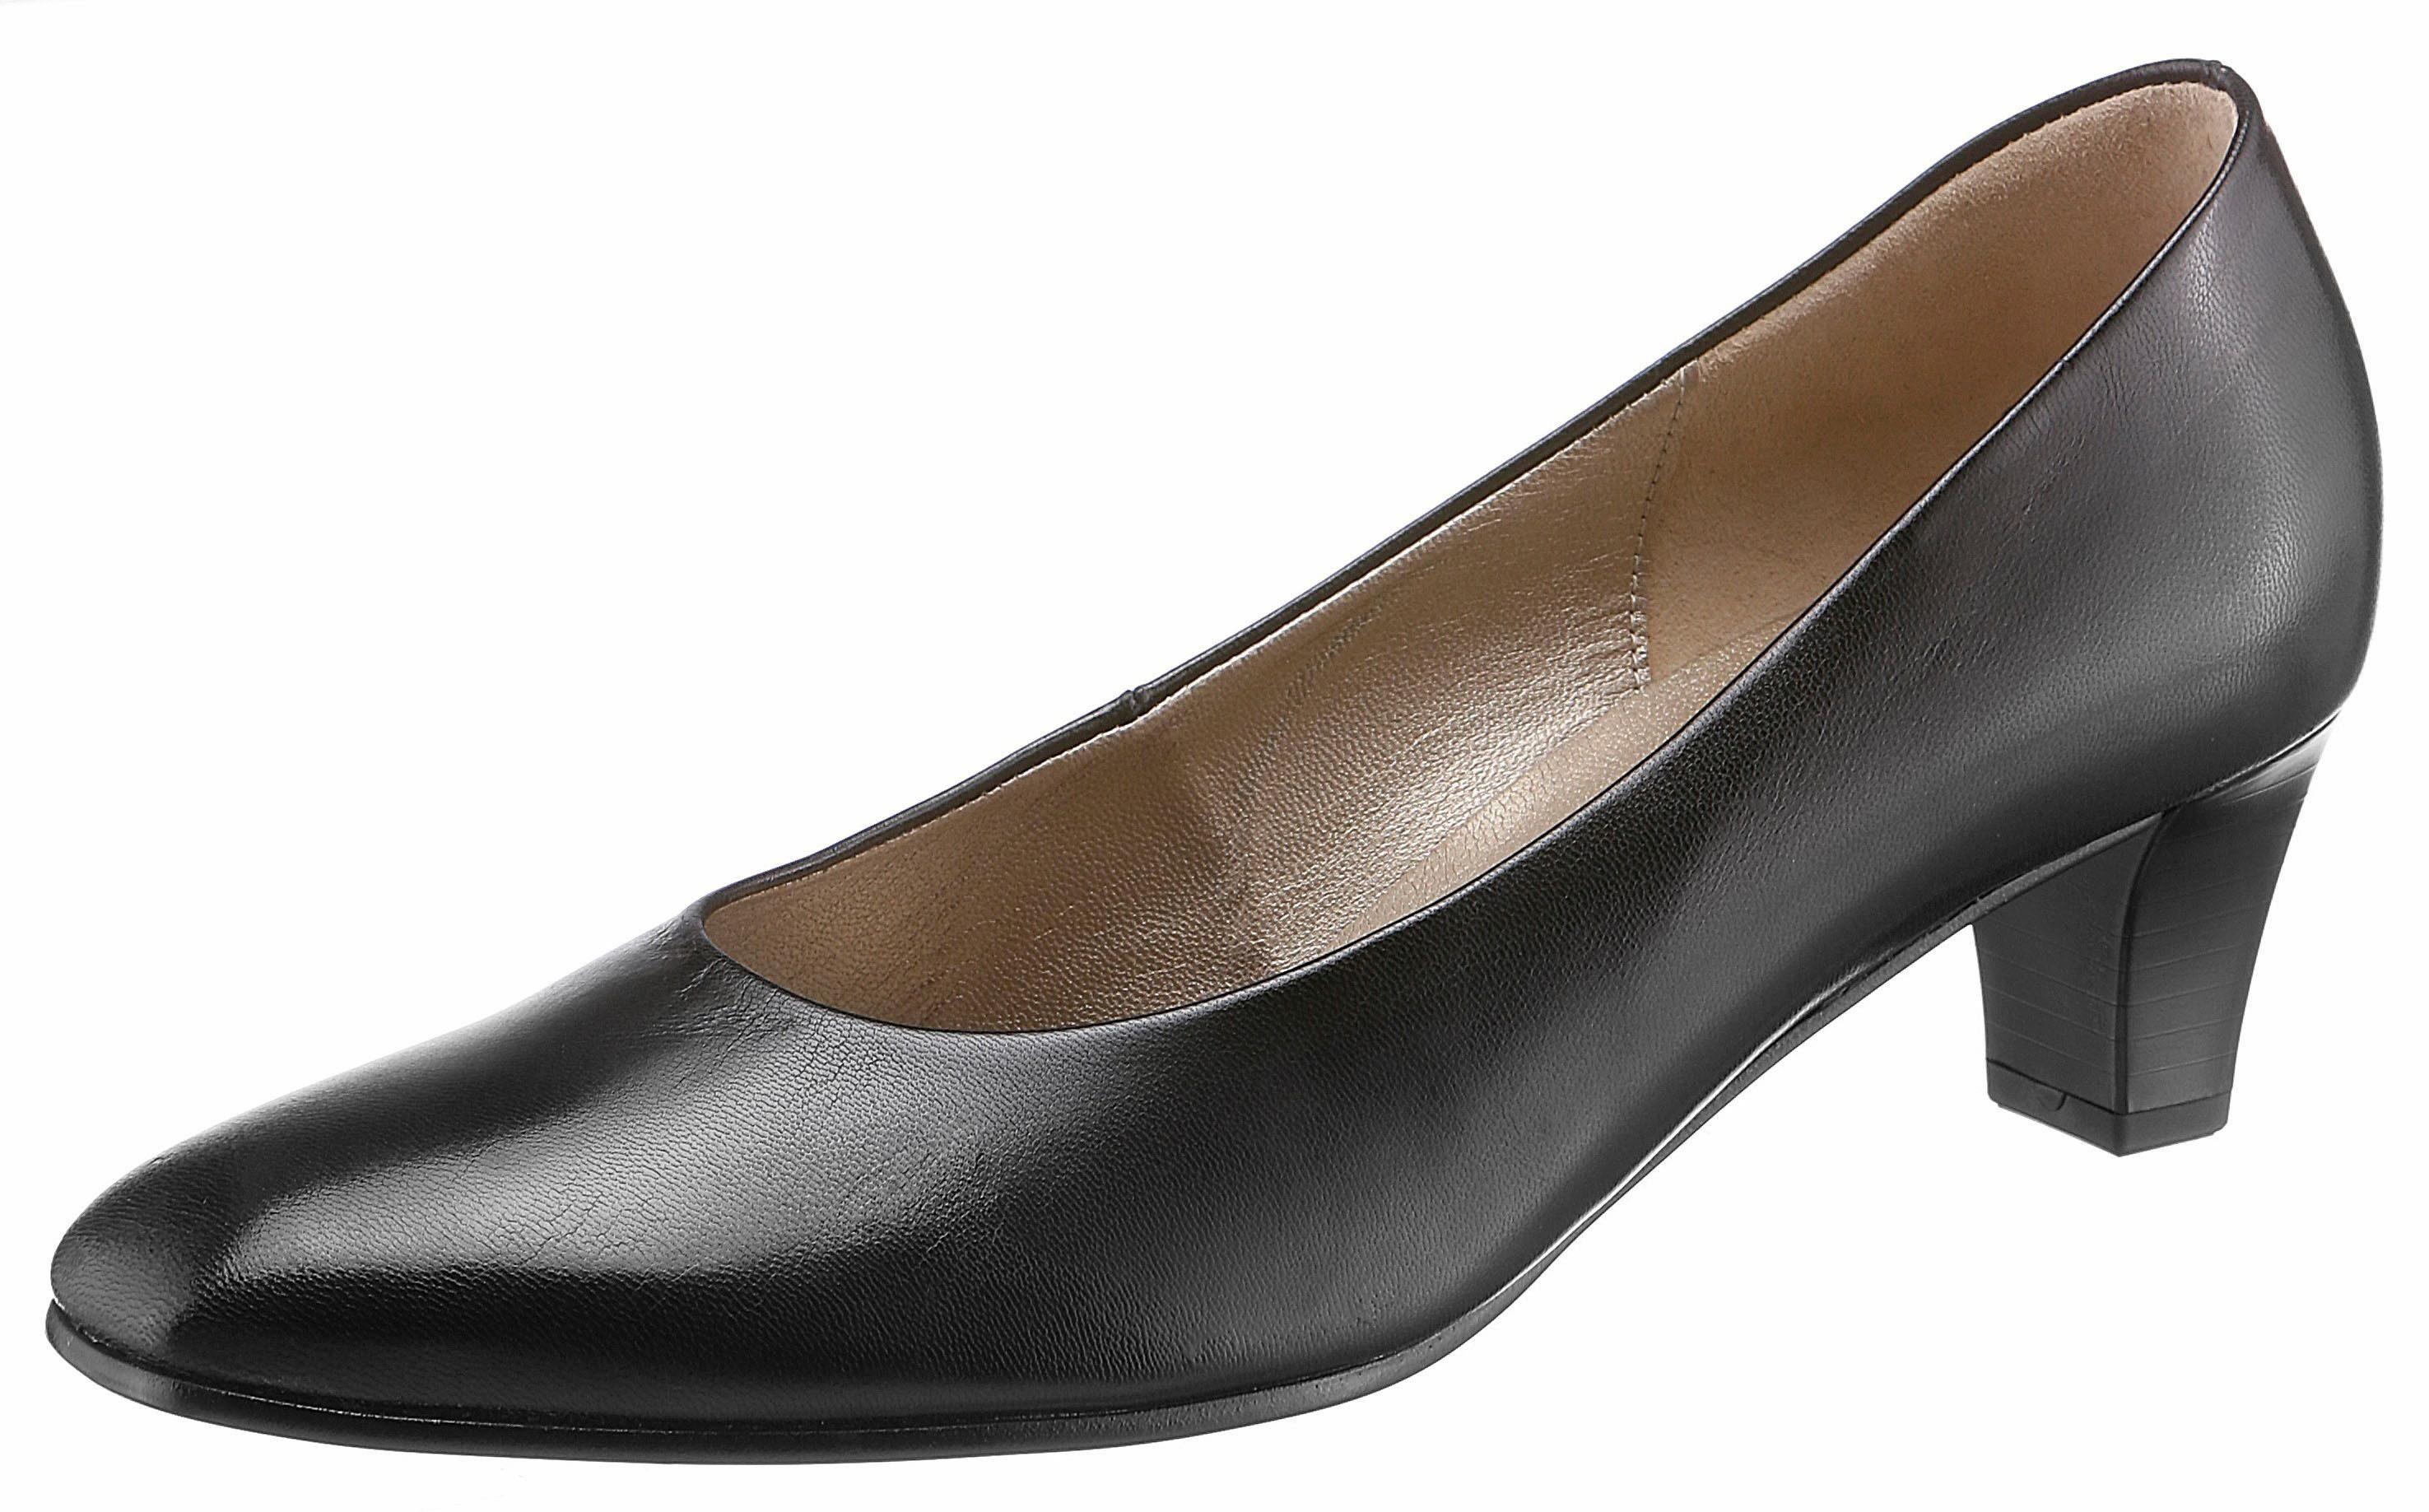 Gabor - Femmes Pompes - Chaussures Noires En Extra Large - Noir - 5 Au Royaume-uni OpoPl